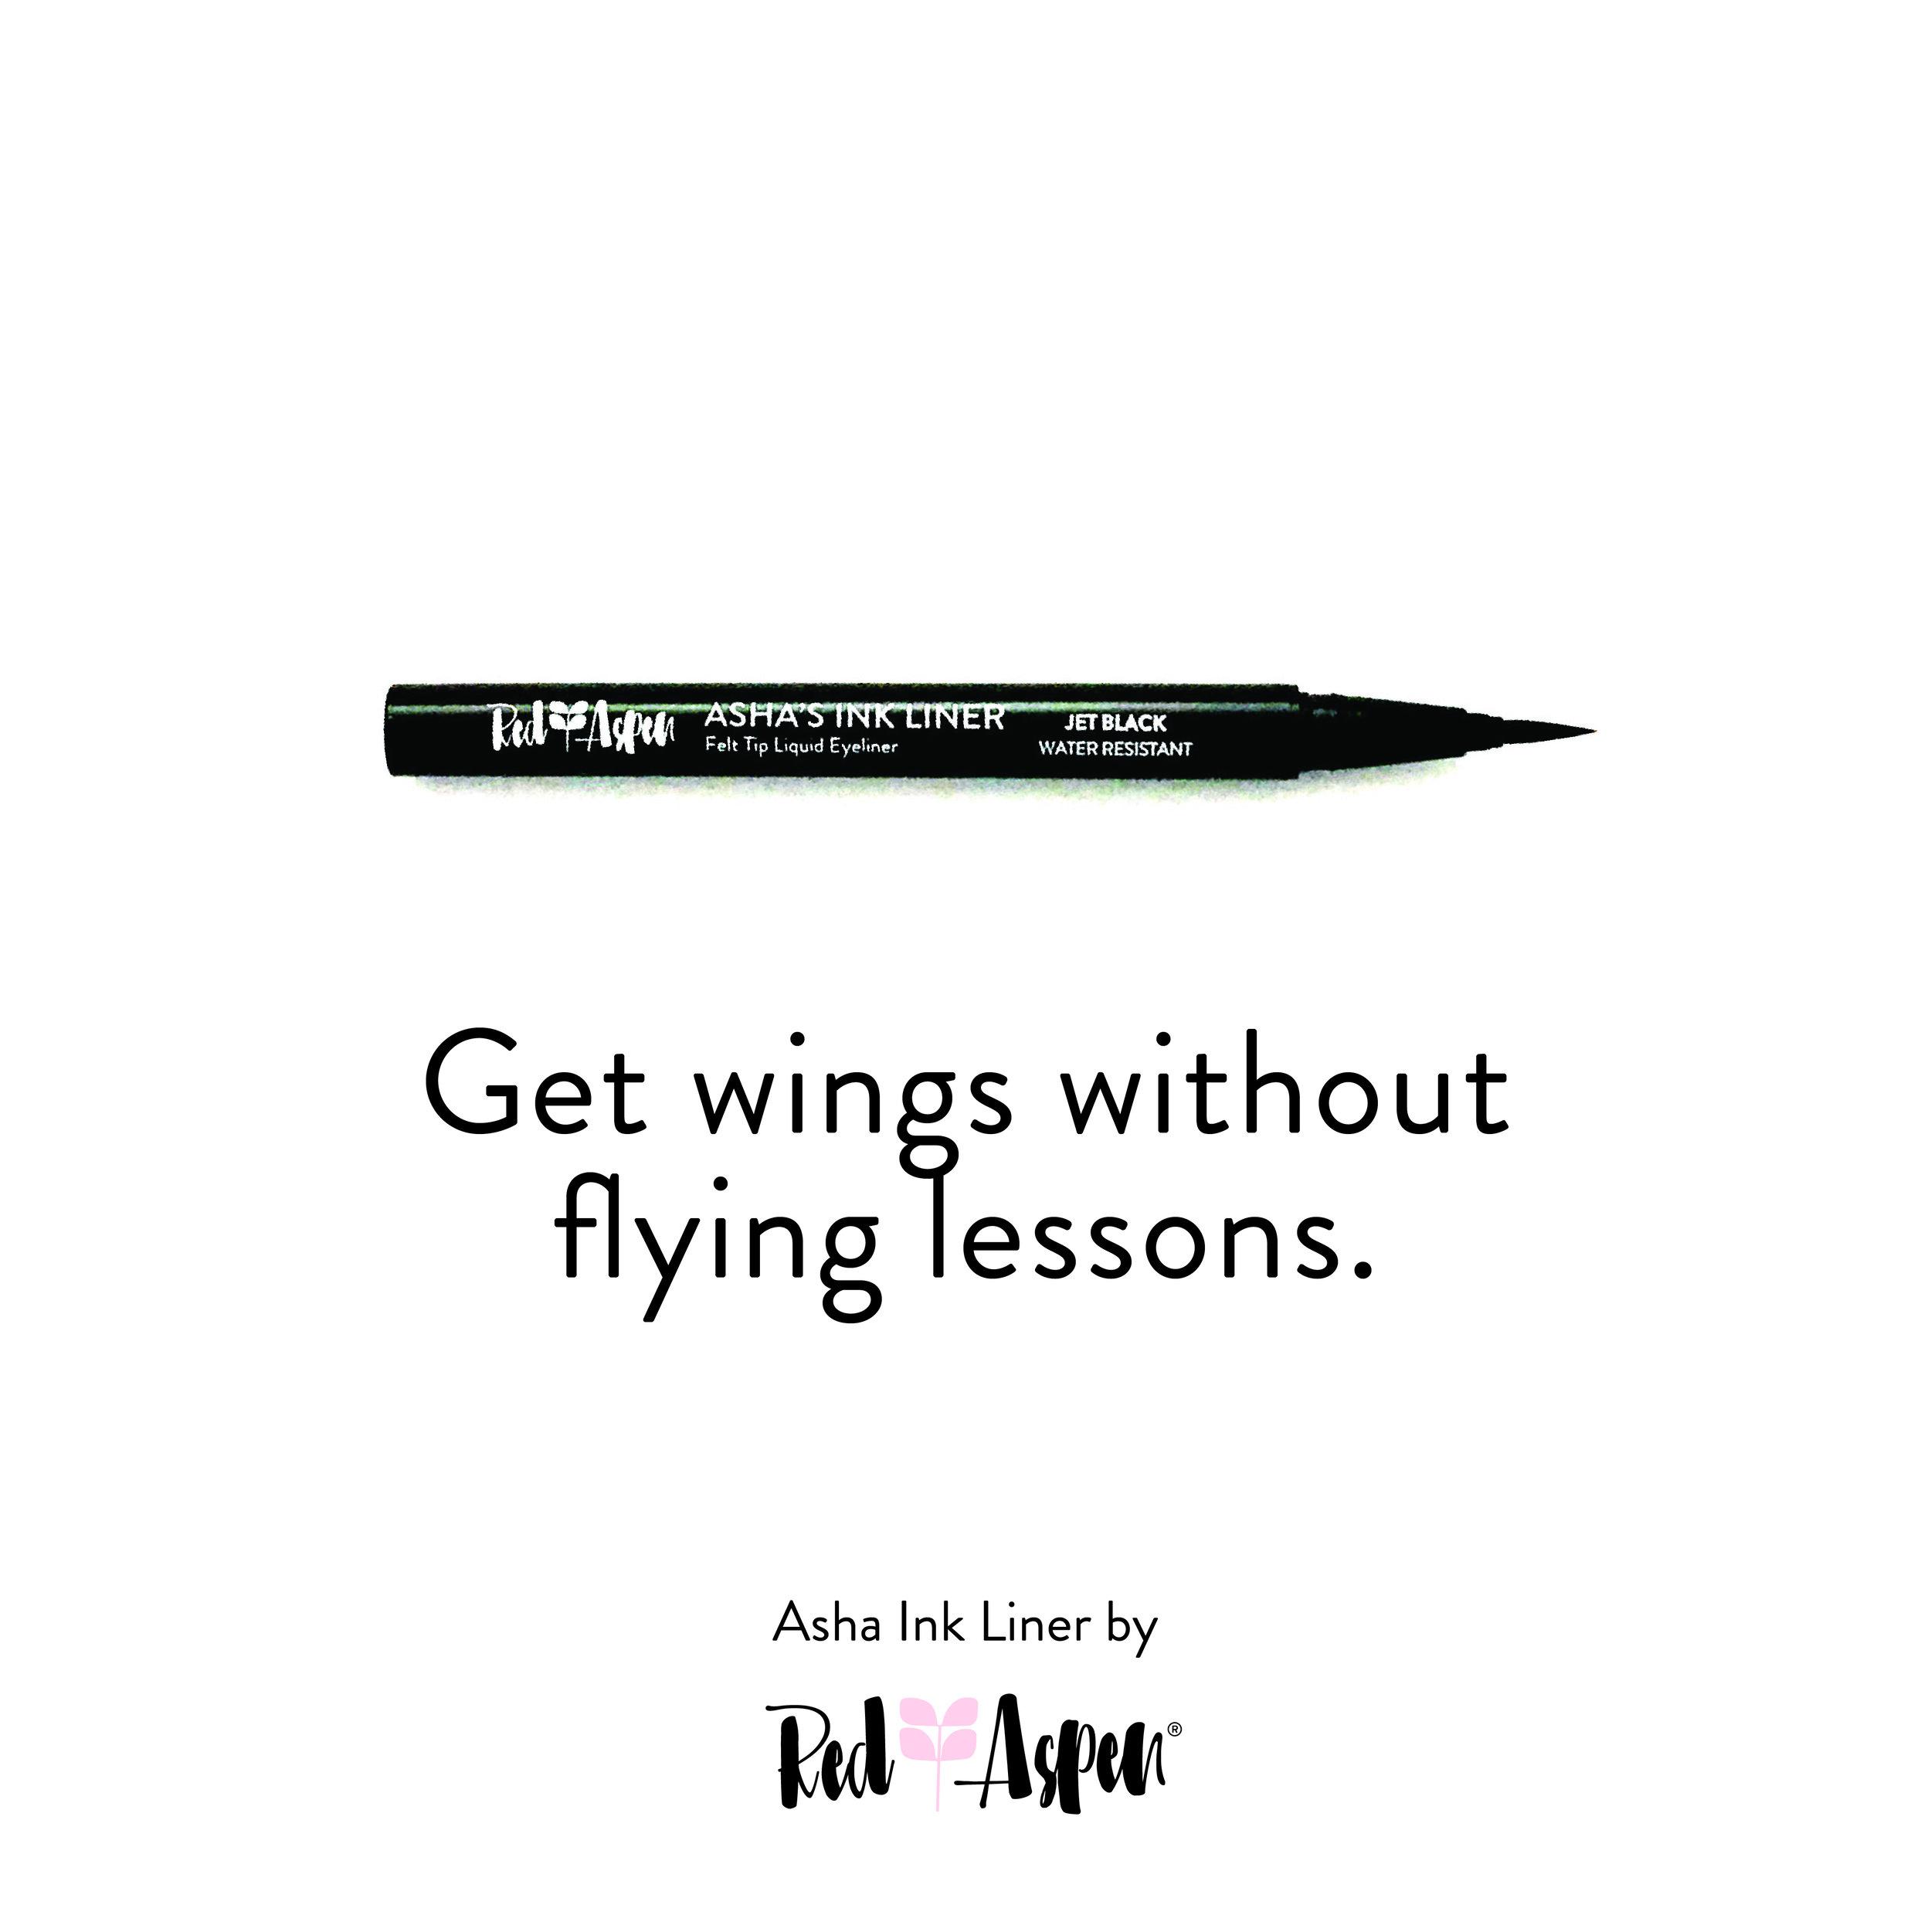 Asha Ink Liner - Social Images (9).jpg